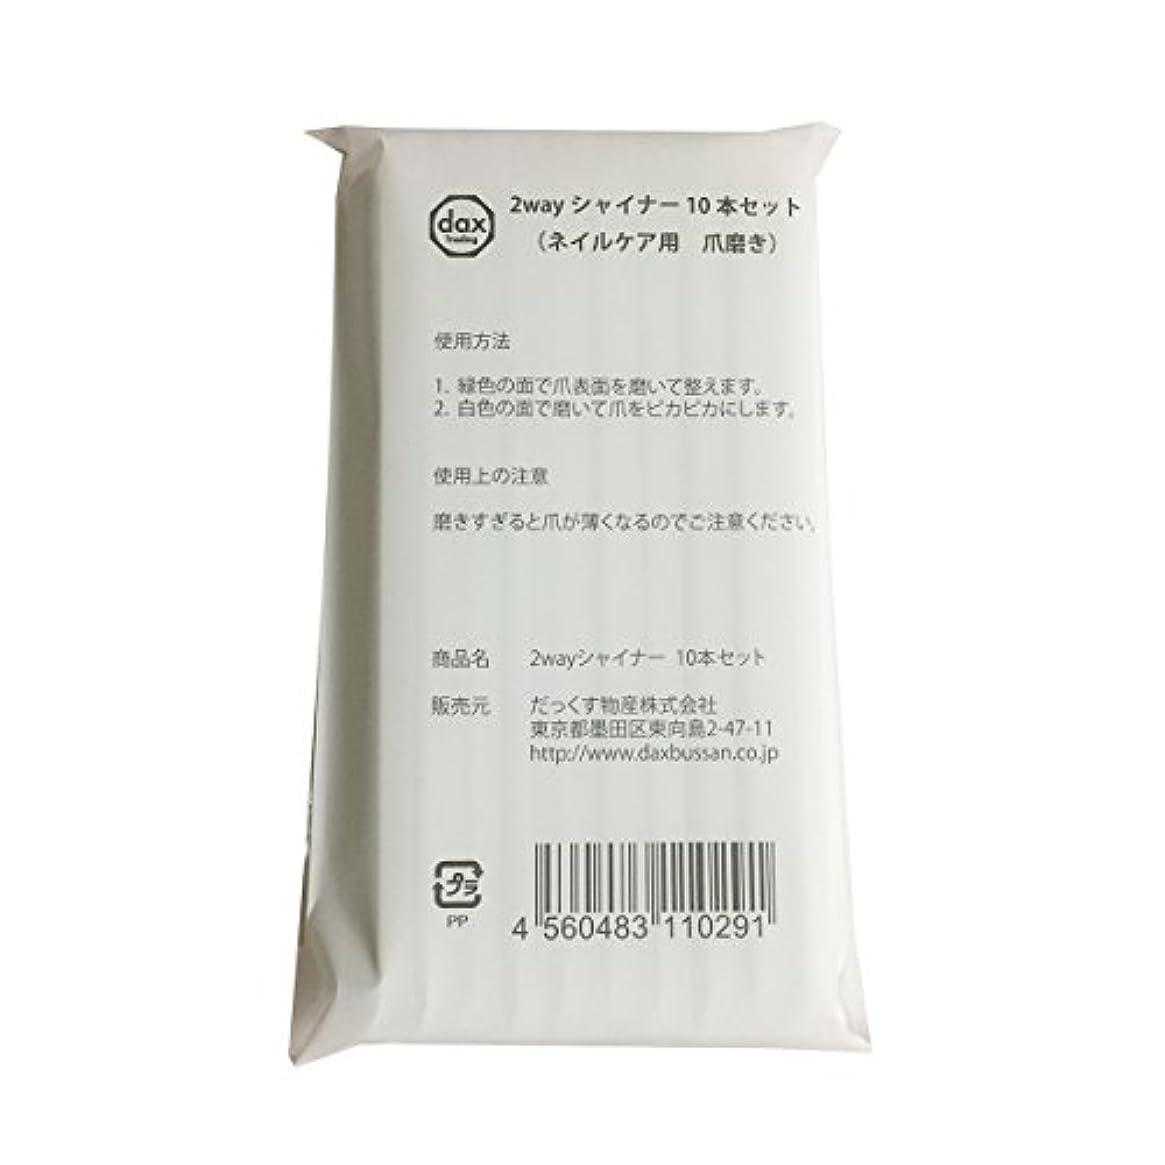 制限住所小間【だっくす物産】2wayシャイナー 10本セット (ネイルケア用 爪磨き)